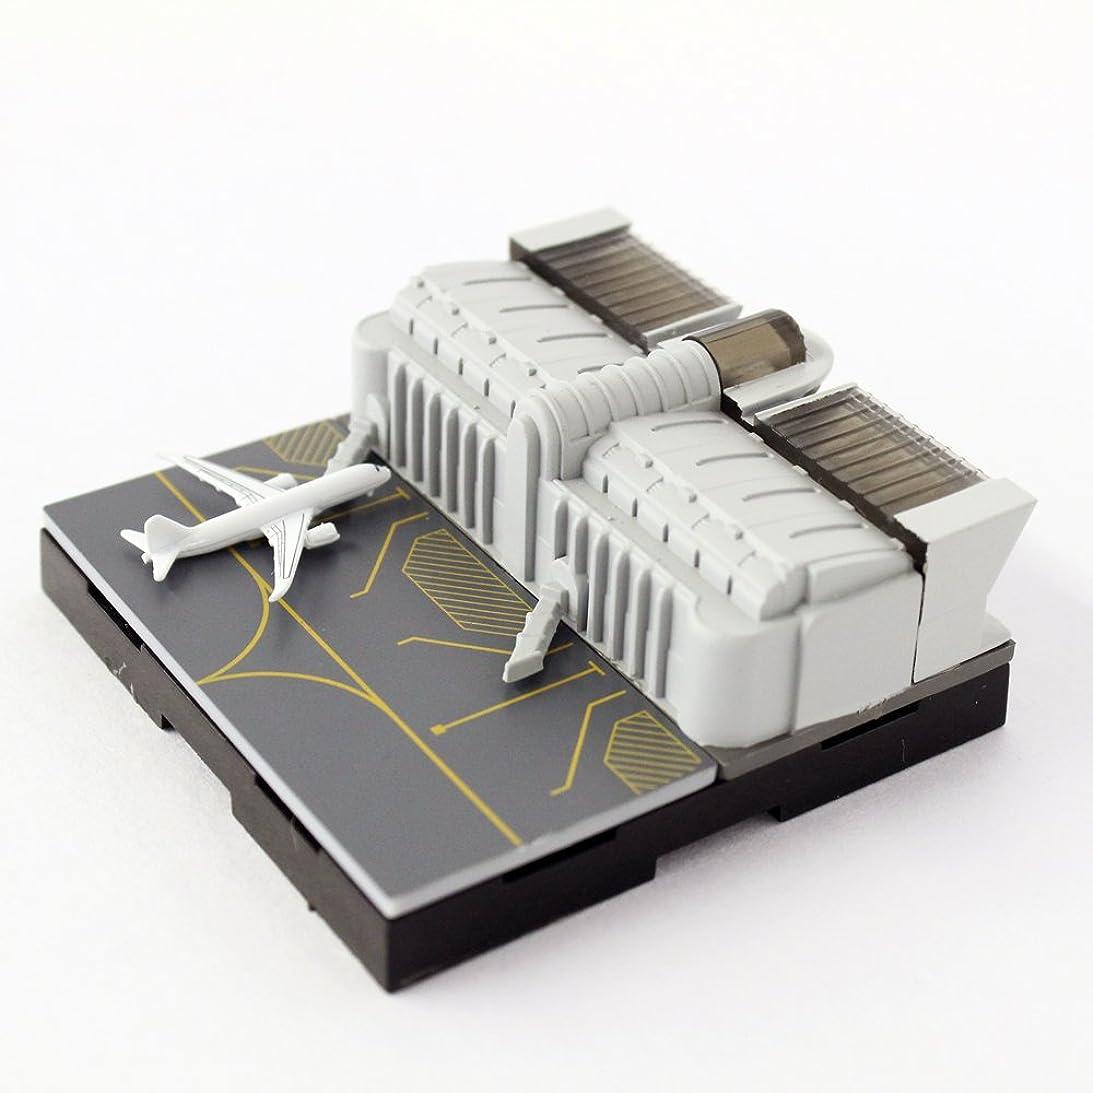 ホールド蒸気豊富な日本卓上開発 ジオクレイパー 拡張ユニット #008 エアポートシリーズ ターミナルビル